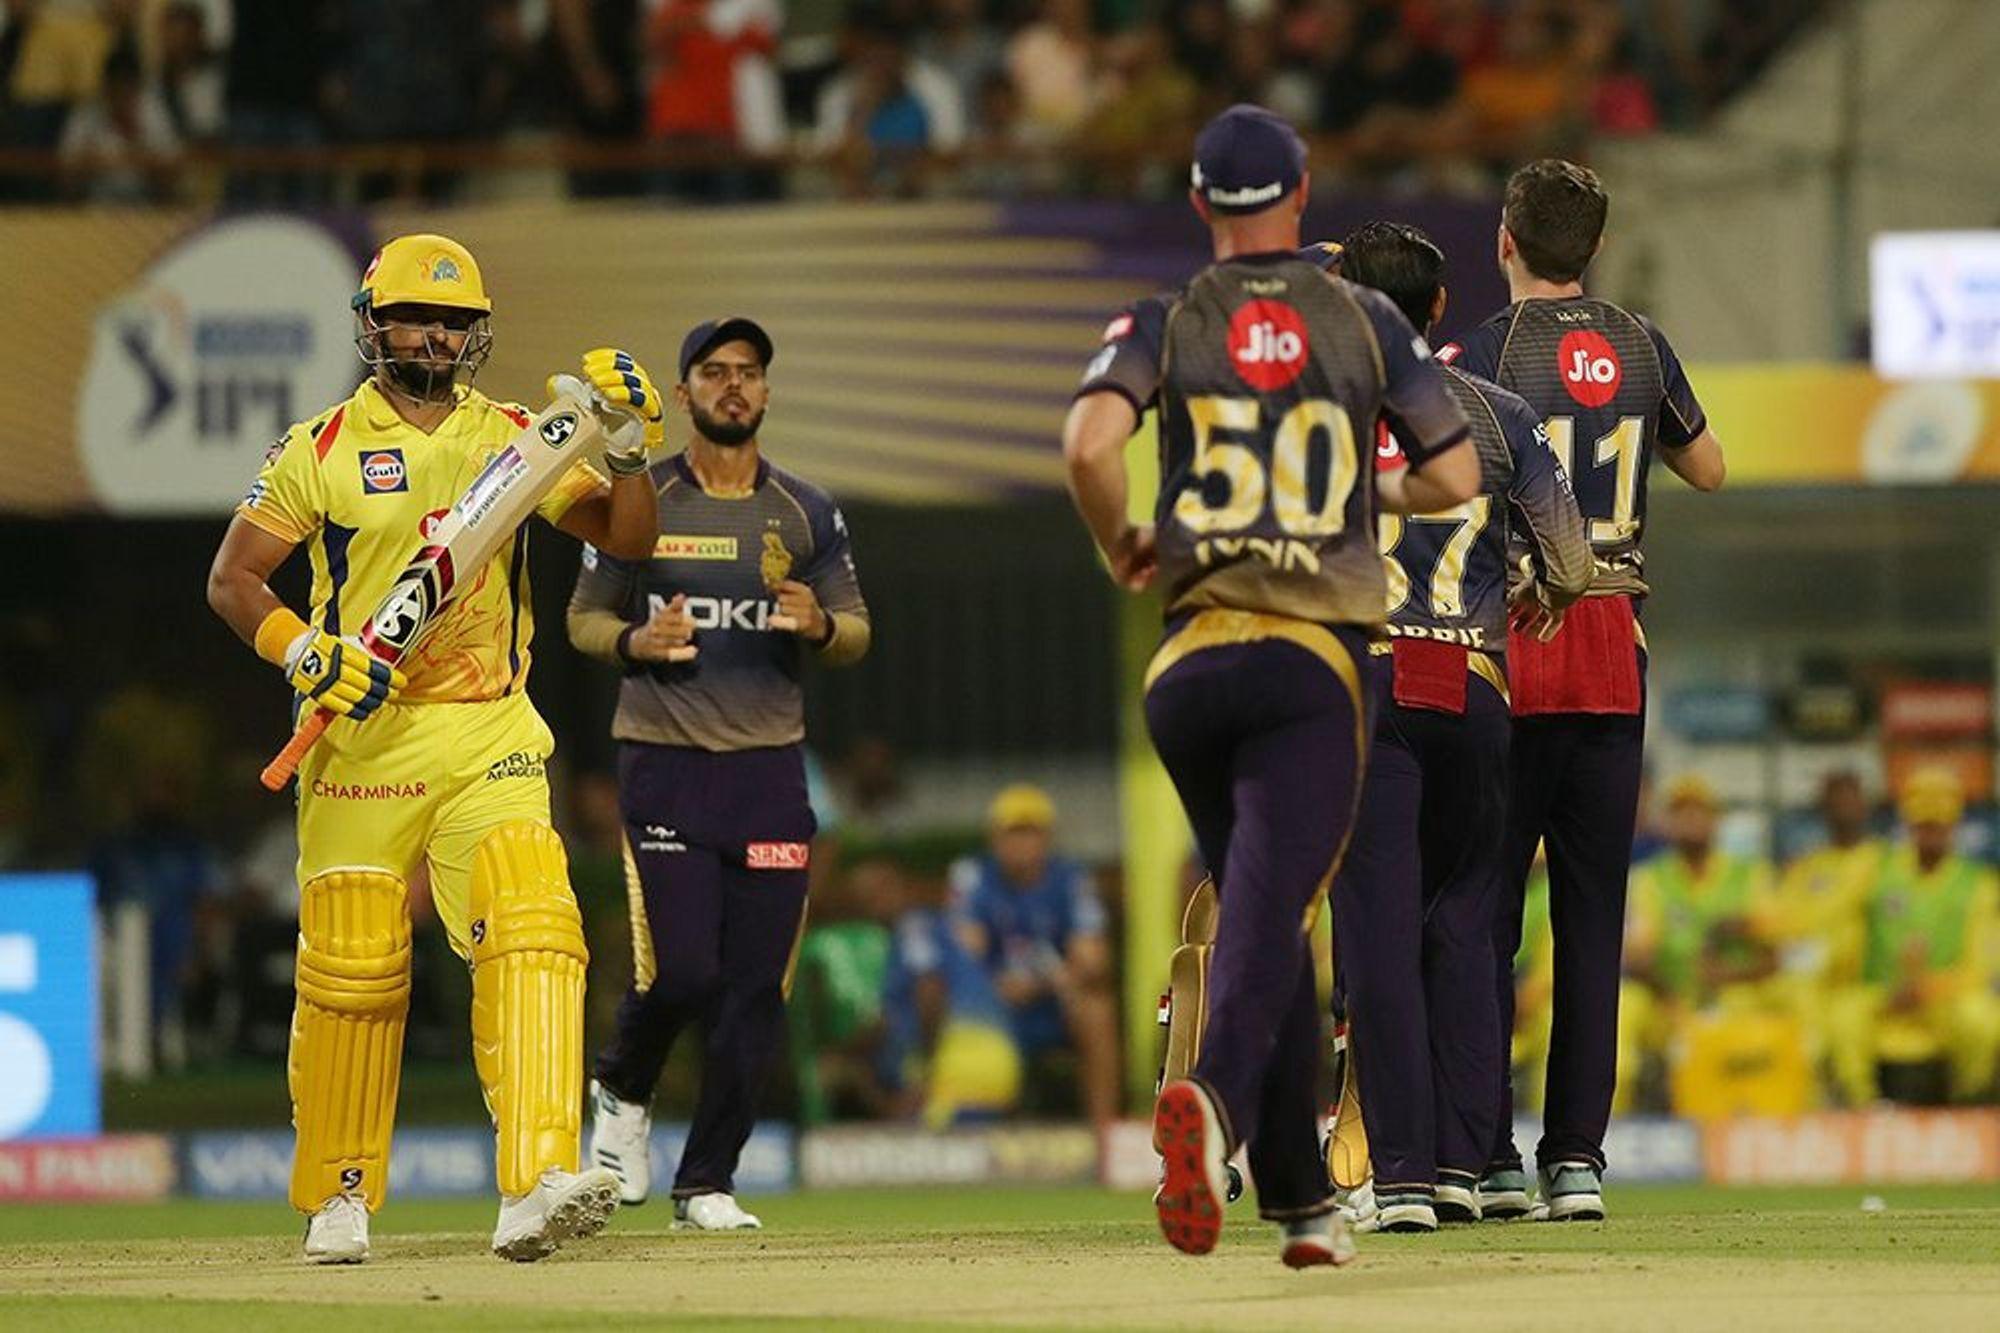 CSKvsKKR : रैना-जडेजा की दमदार पारियों के दम पर चेन्नई ने केकेआर को 5 विकेट से हराया 18